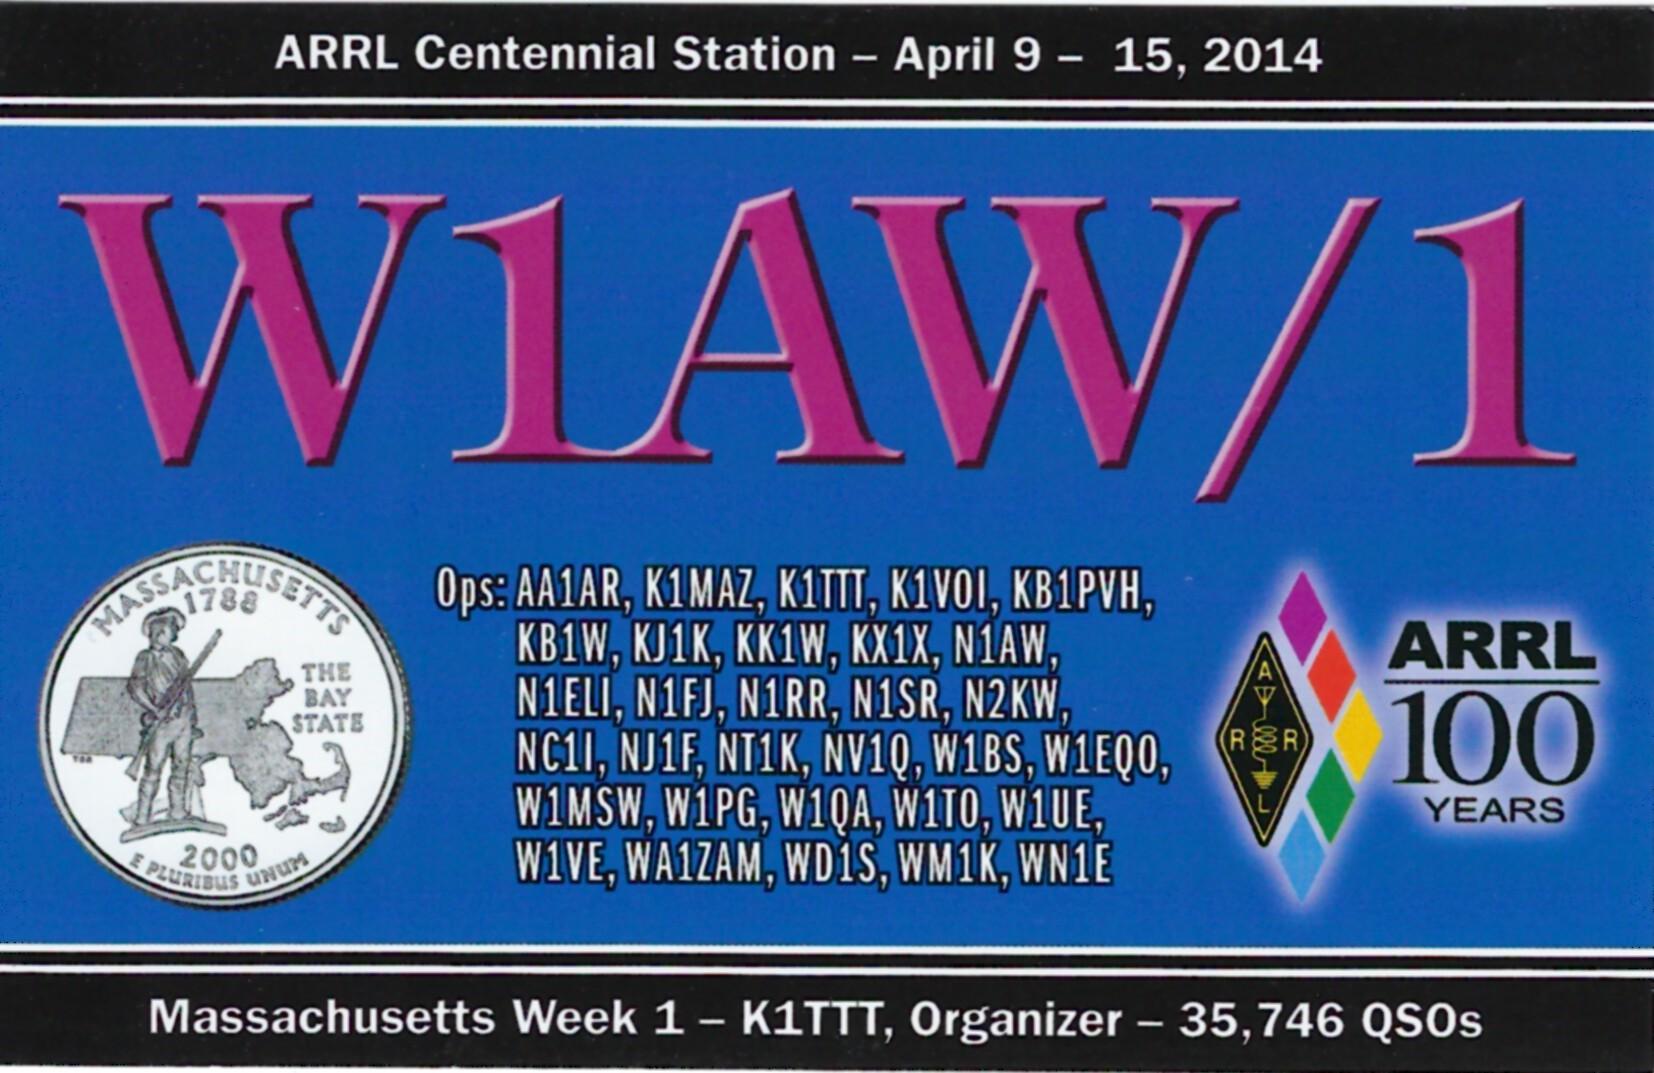 W1AW-1 MA